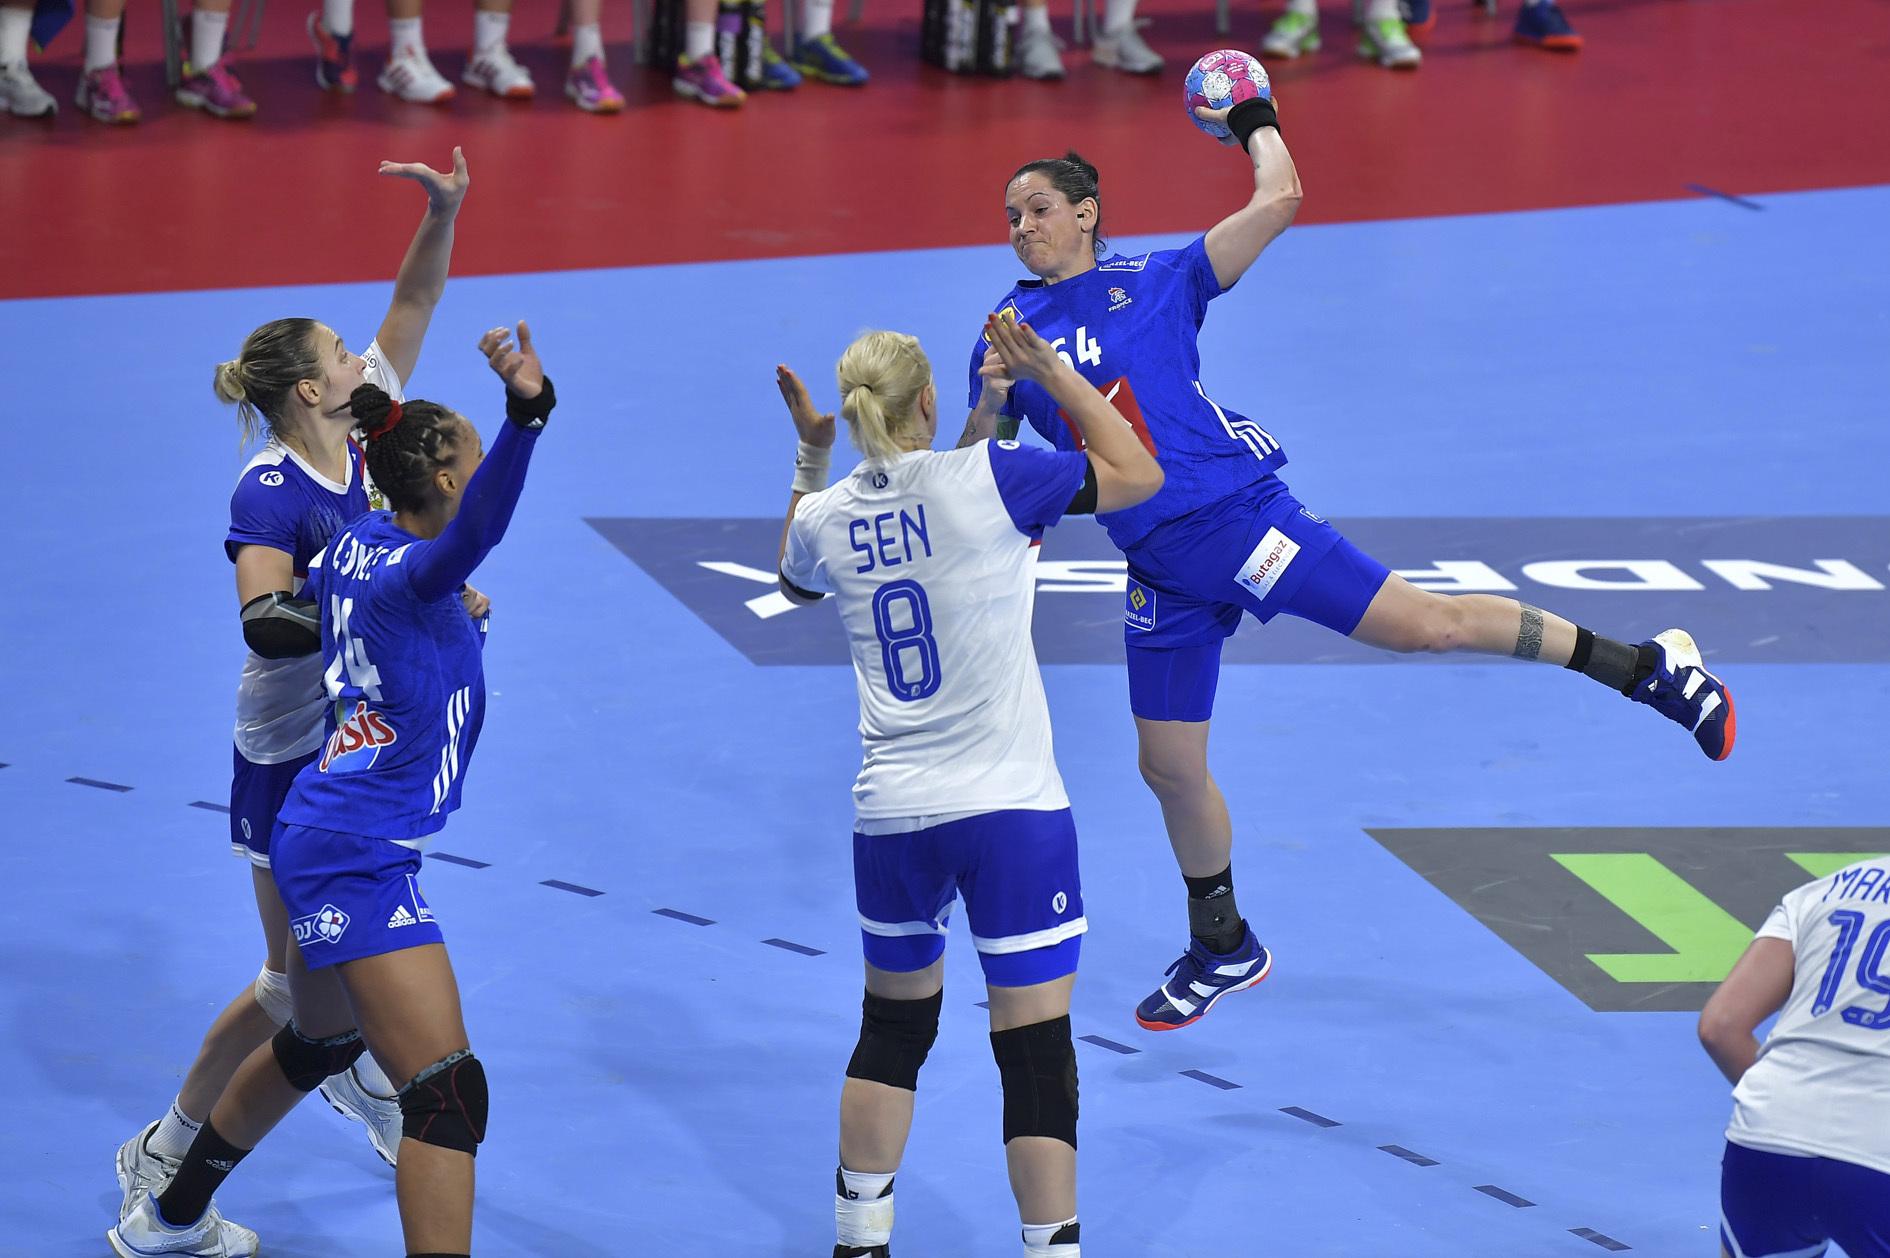 Handball - Equipe de France - Euro 2018 : Les Bleues ratent leur entrée en matière